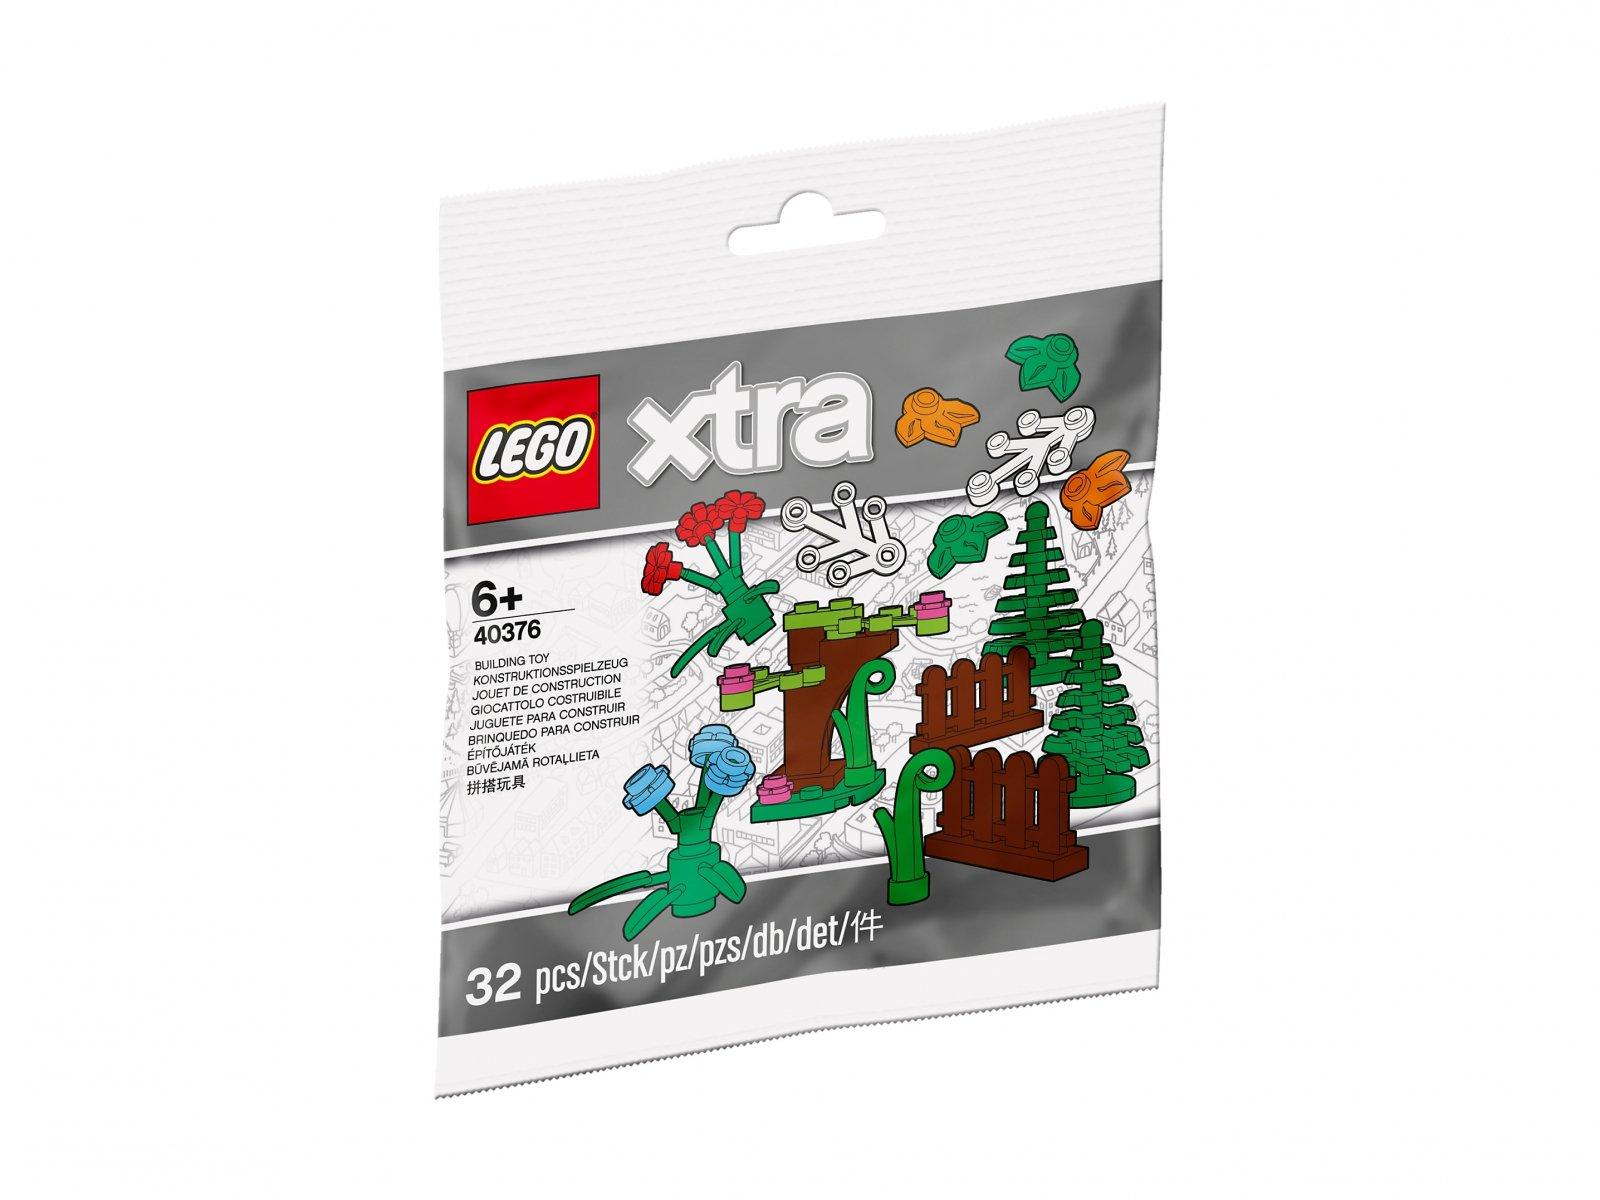 LEGO xtra Akcesoria botaniczne 40376